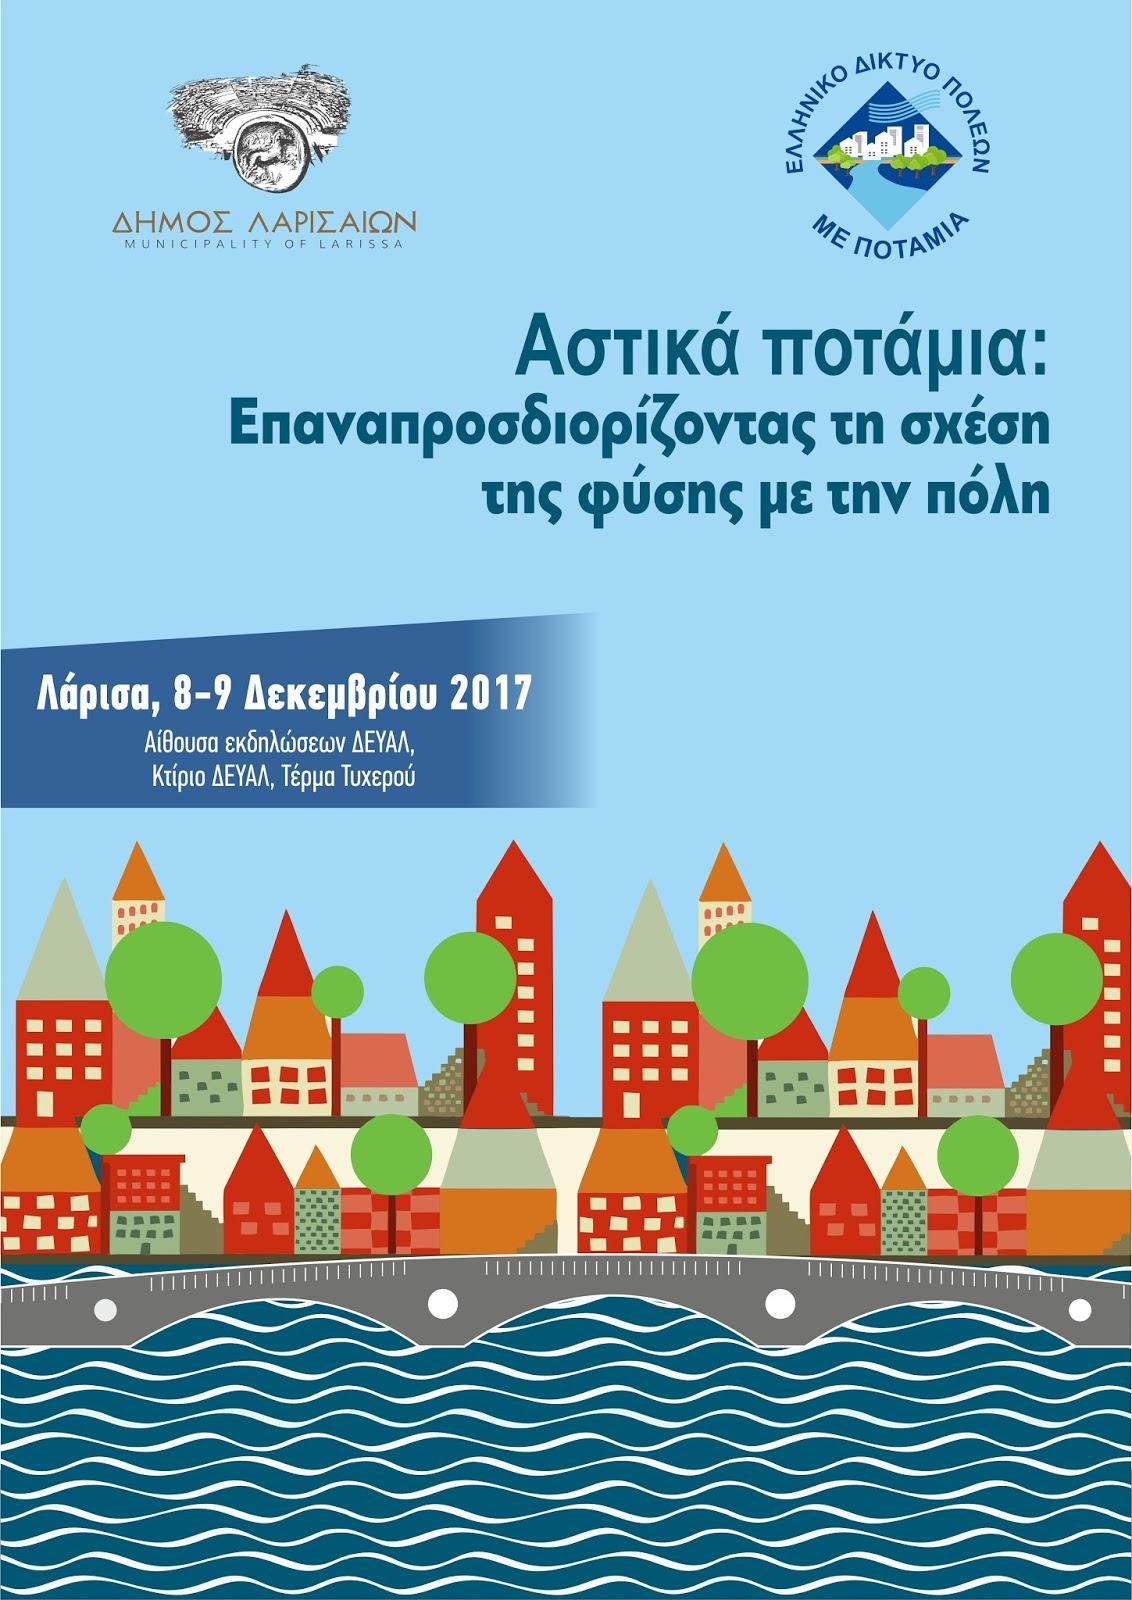 Συνεχίζεται η δράση του Δικτύου Πόλεων με Ποτάμια - Διήμερο συνέδριο στη Λάρισα